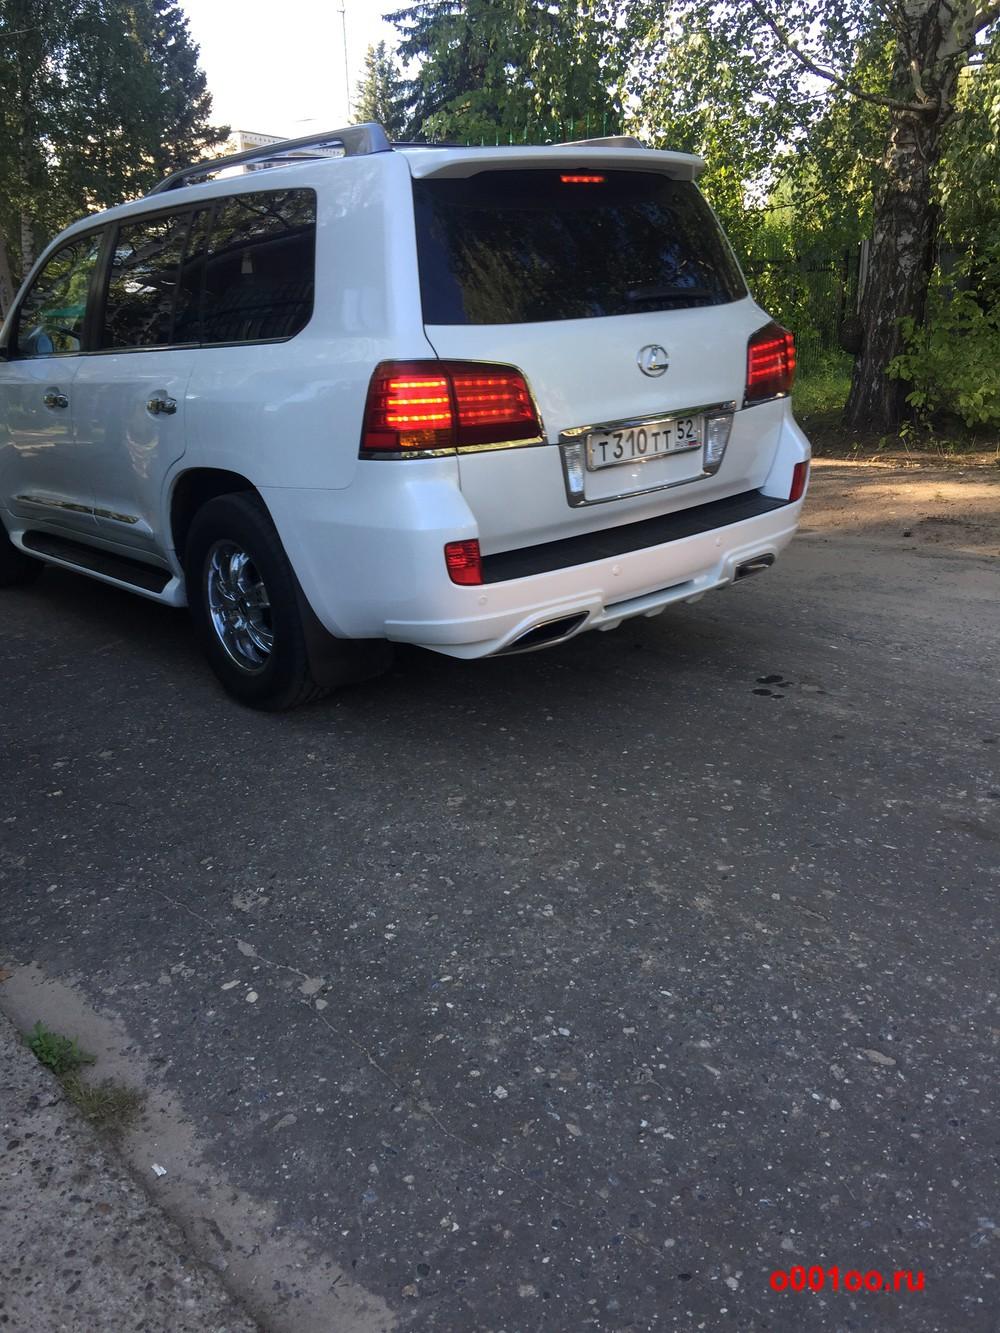 т310тт52